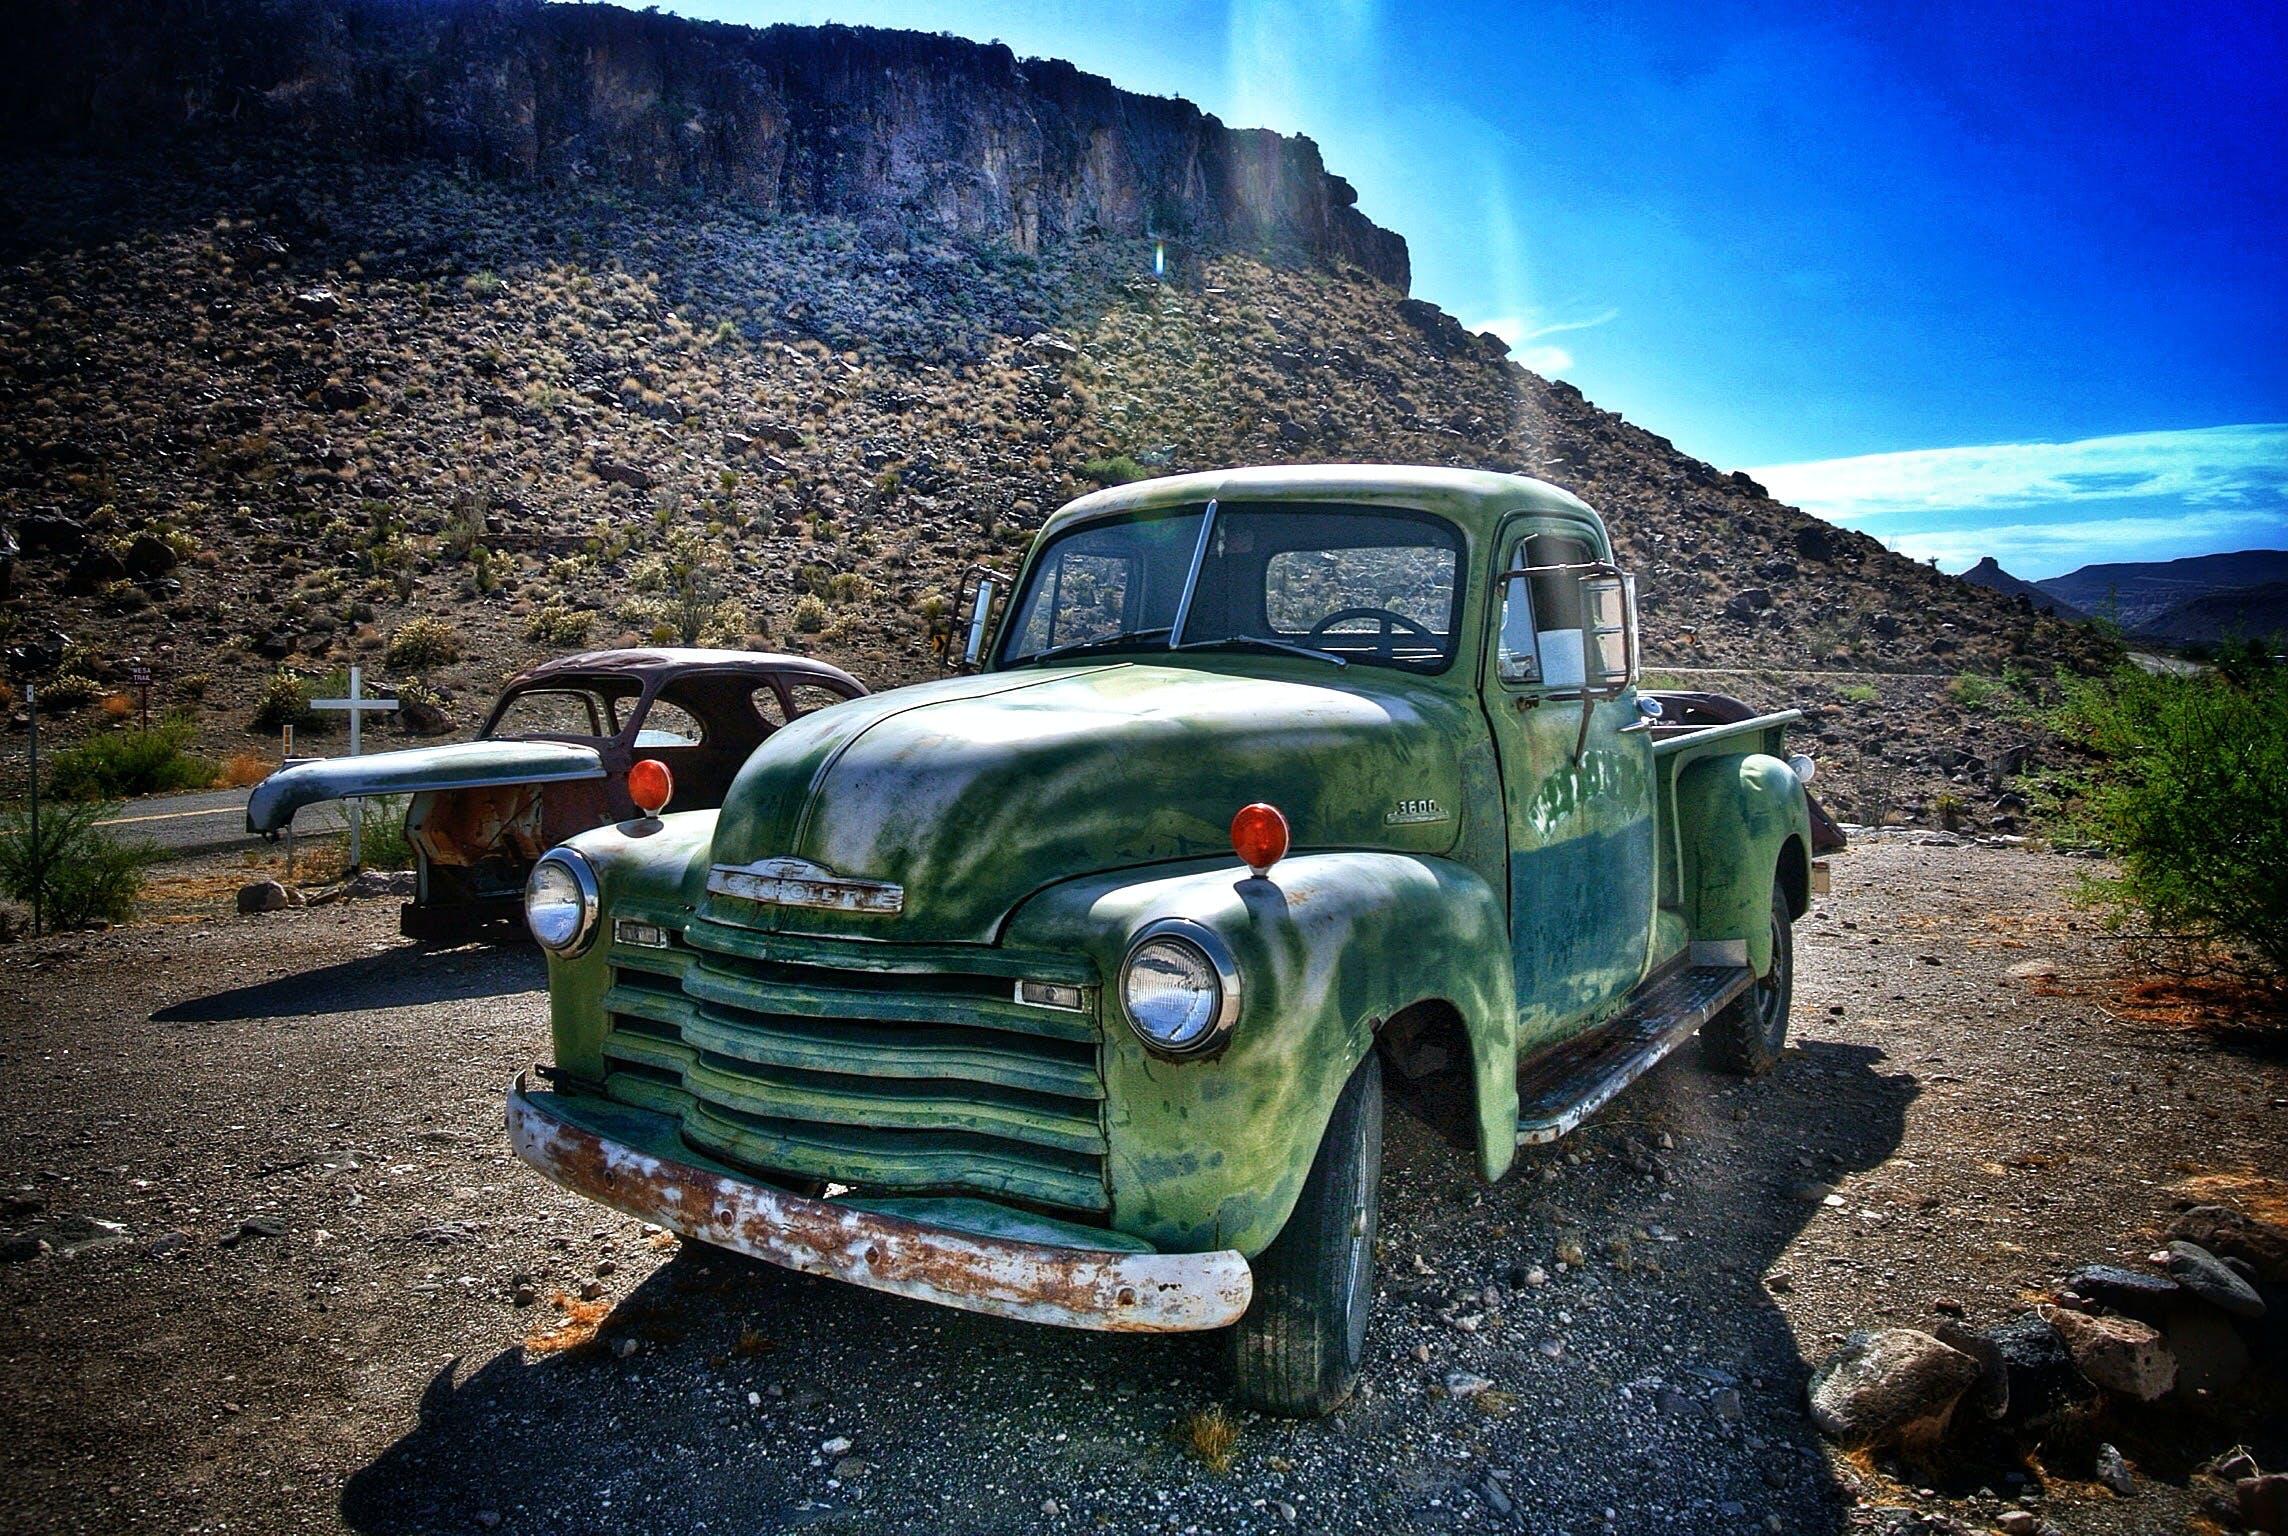 Kostenloses Stock Foto zu alte tankstelle, amerika, amerikanisches auto, arizona